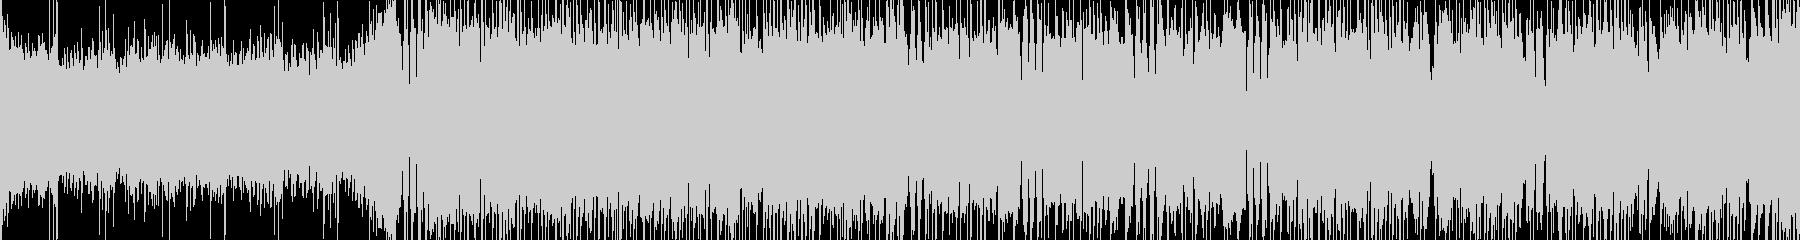 三味線のメタル調和風バトル曲【ループ可】の未再生の波形